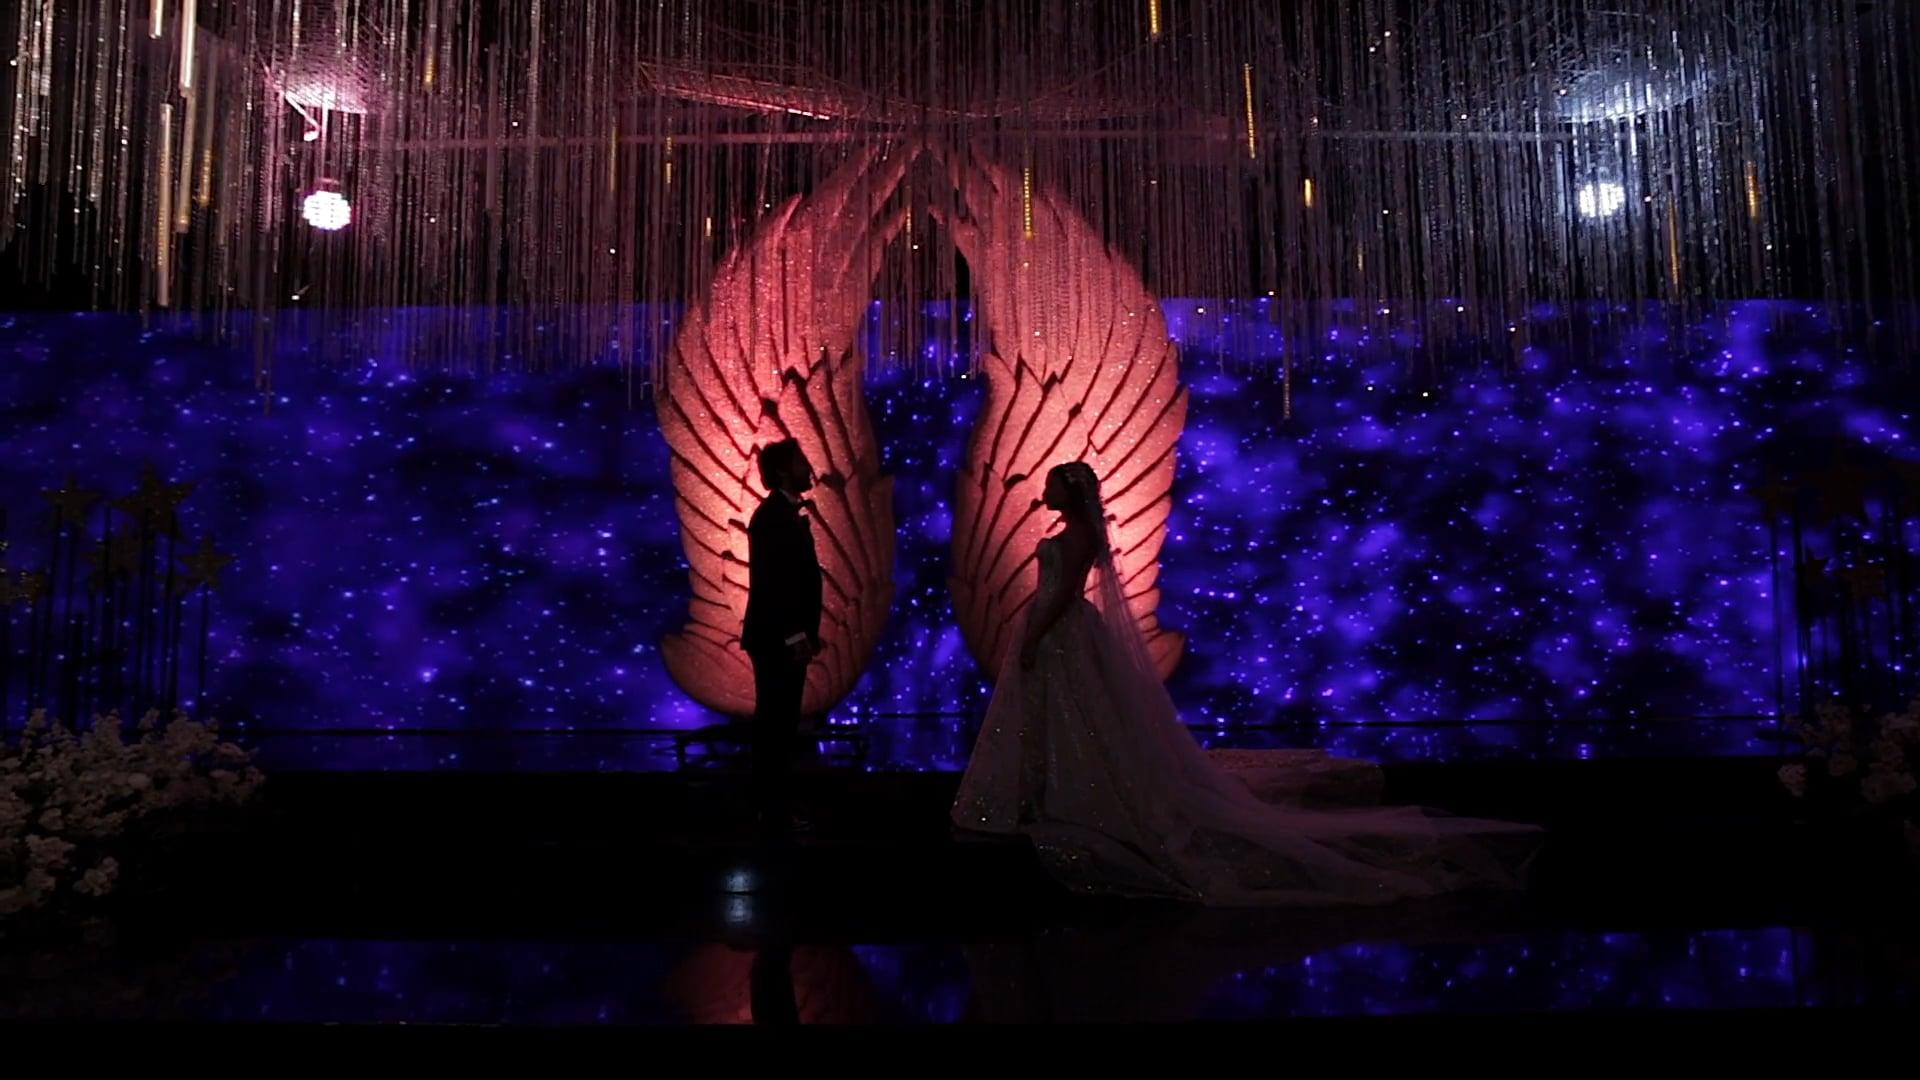 MALAK & EYAD WEDDING FILM